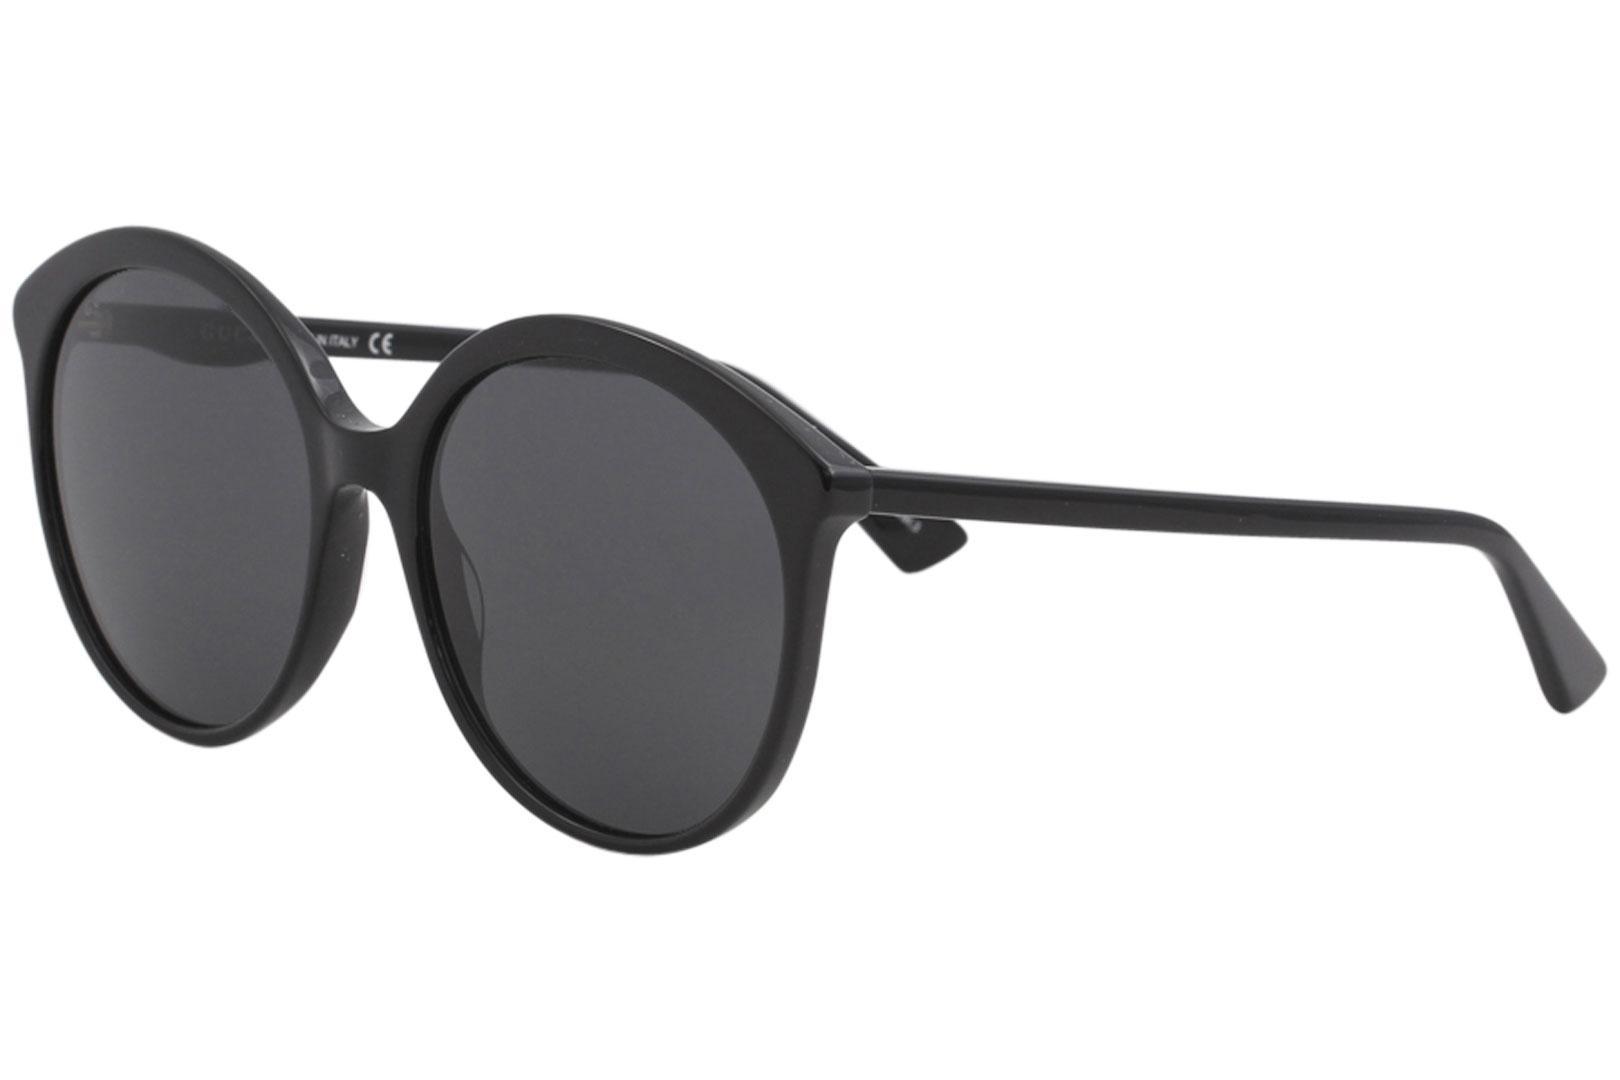 2f0bdc51d60 Gucci Women s Urban GG0257S GG 0257 S 001 Black Fashion Sunglasses ...